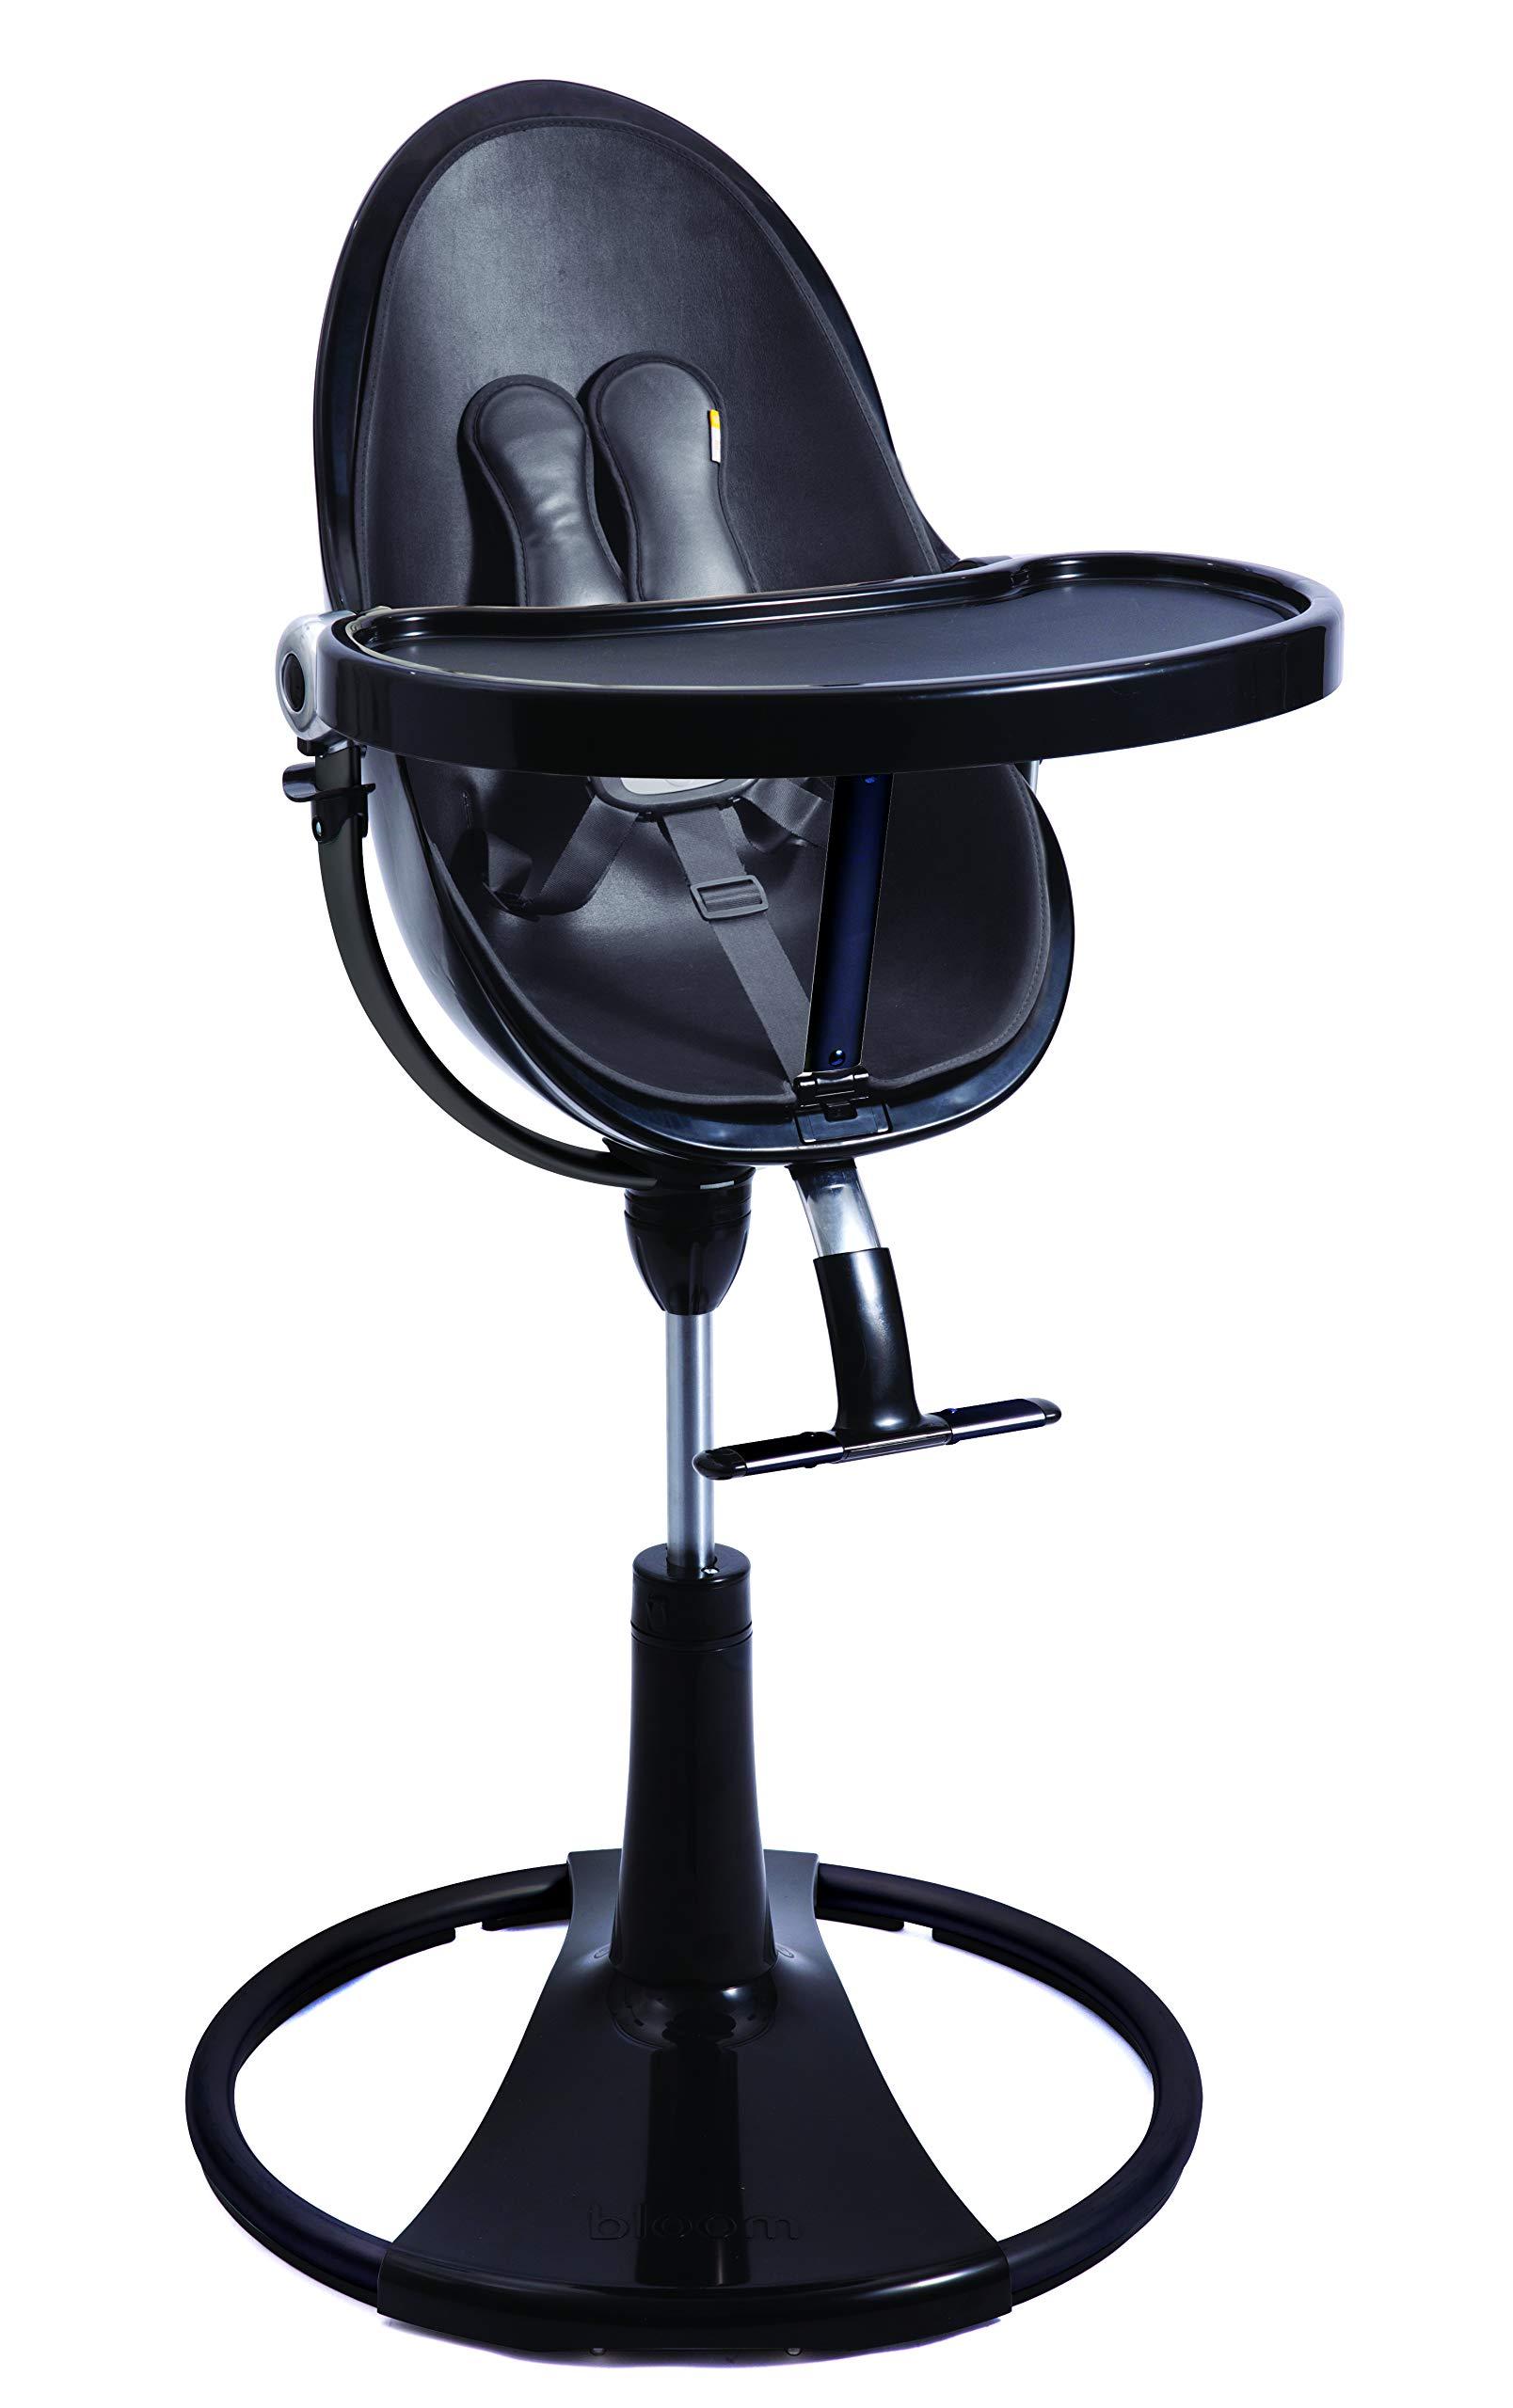 Bloom Fresco Chrome Contemporary Chair